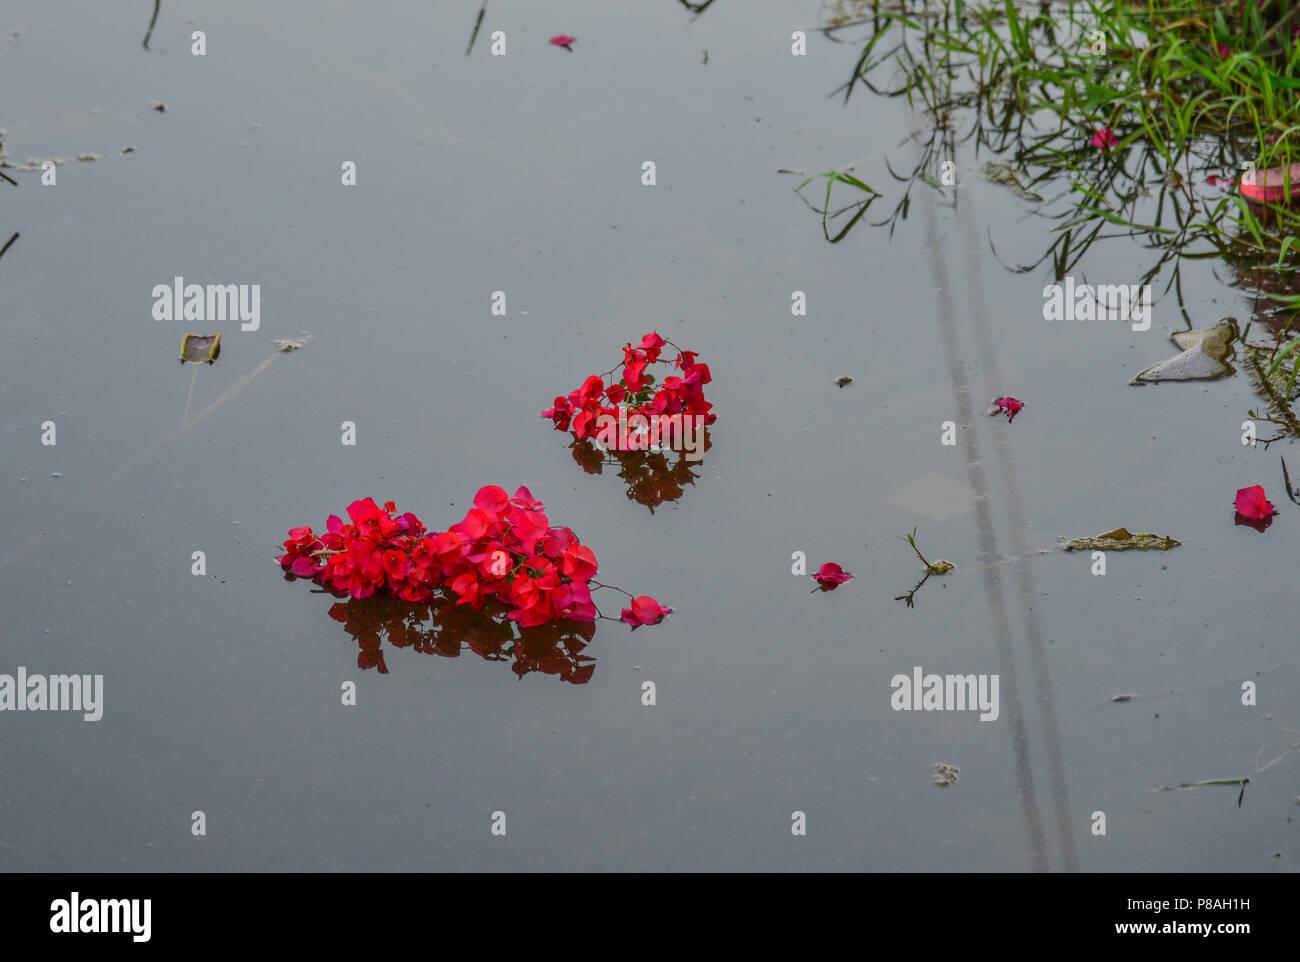 Pétales de fleurs sur l'étang au jardin botanique de printemps. Photo Stock